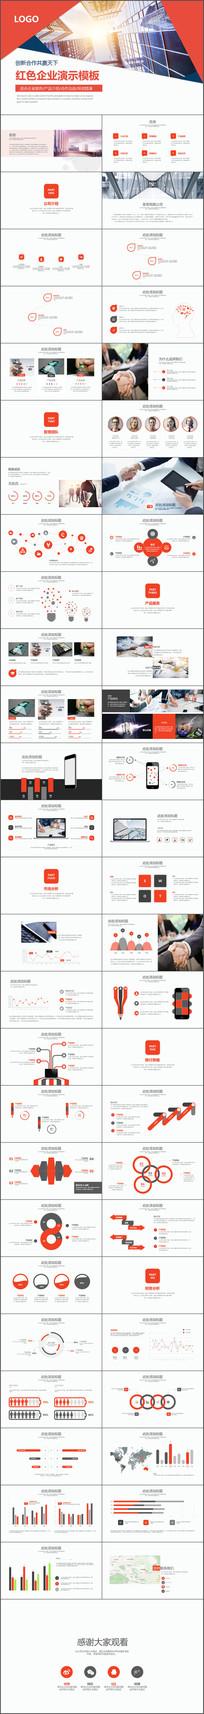 红色简约企业介绍宣传合作商务PPT模板